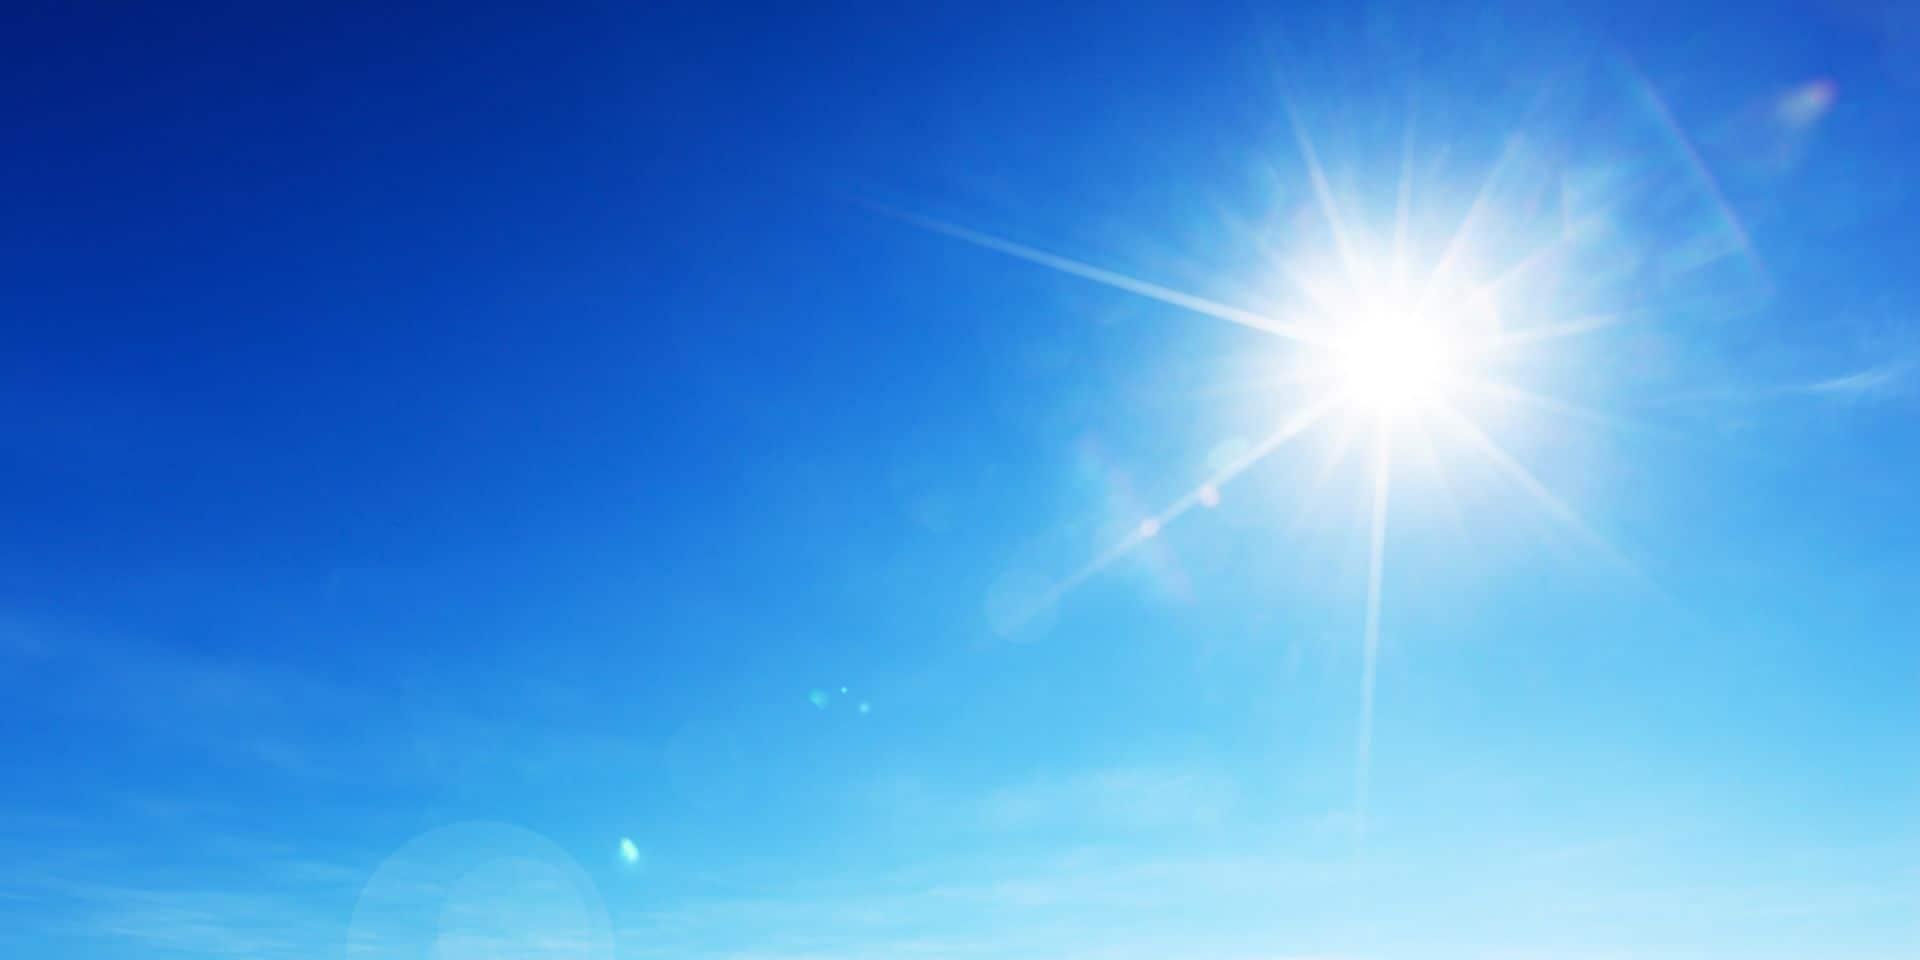 Météo : Un temps ensoleillé et jusqu'à 21 degrés mercredi